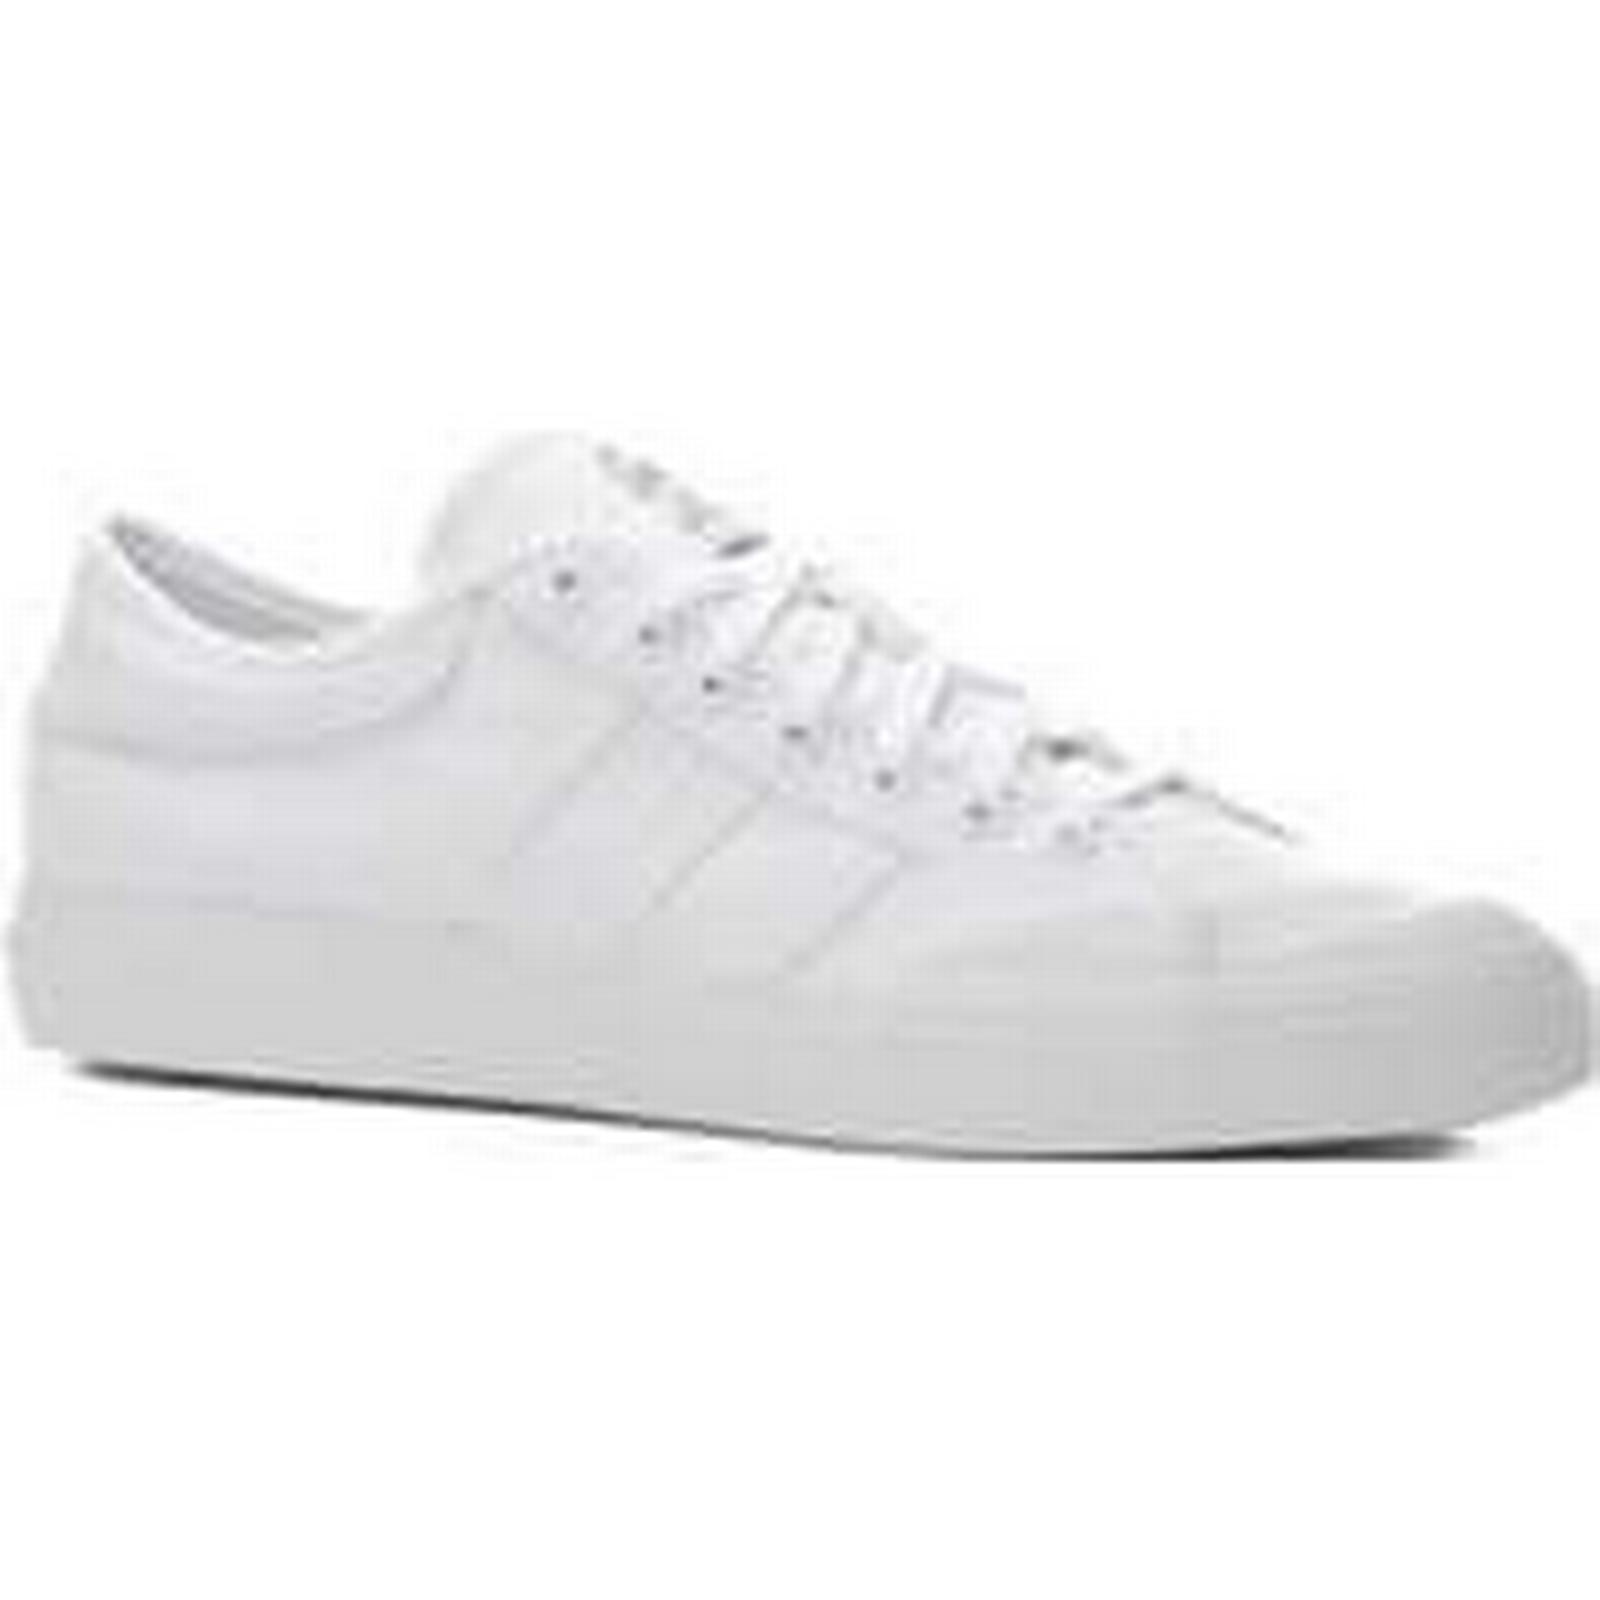 Adidas Matchcourt Skate Shoes Shoes Skate white/white/white bc9fc2